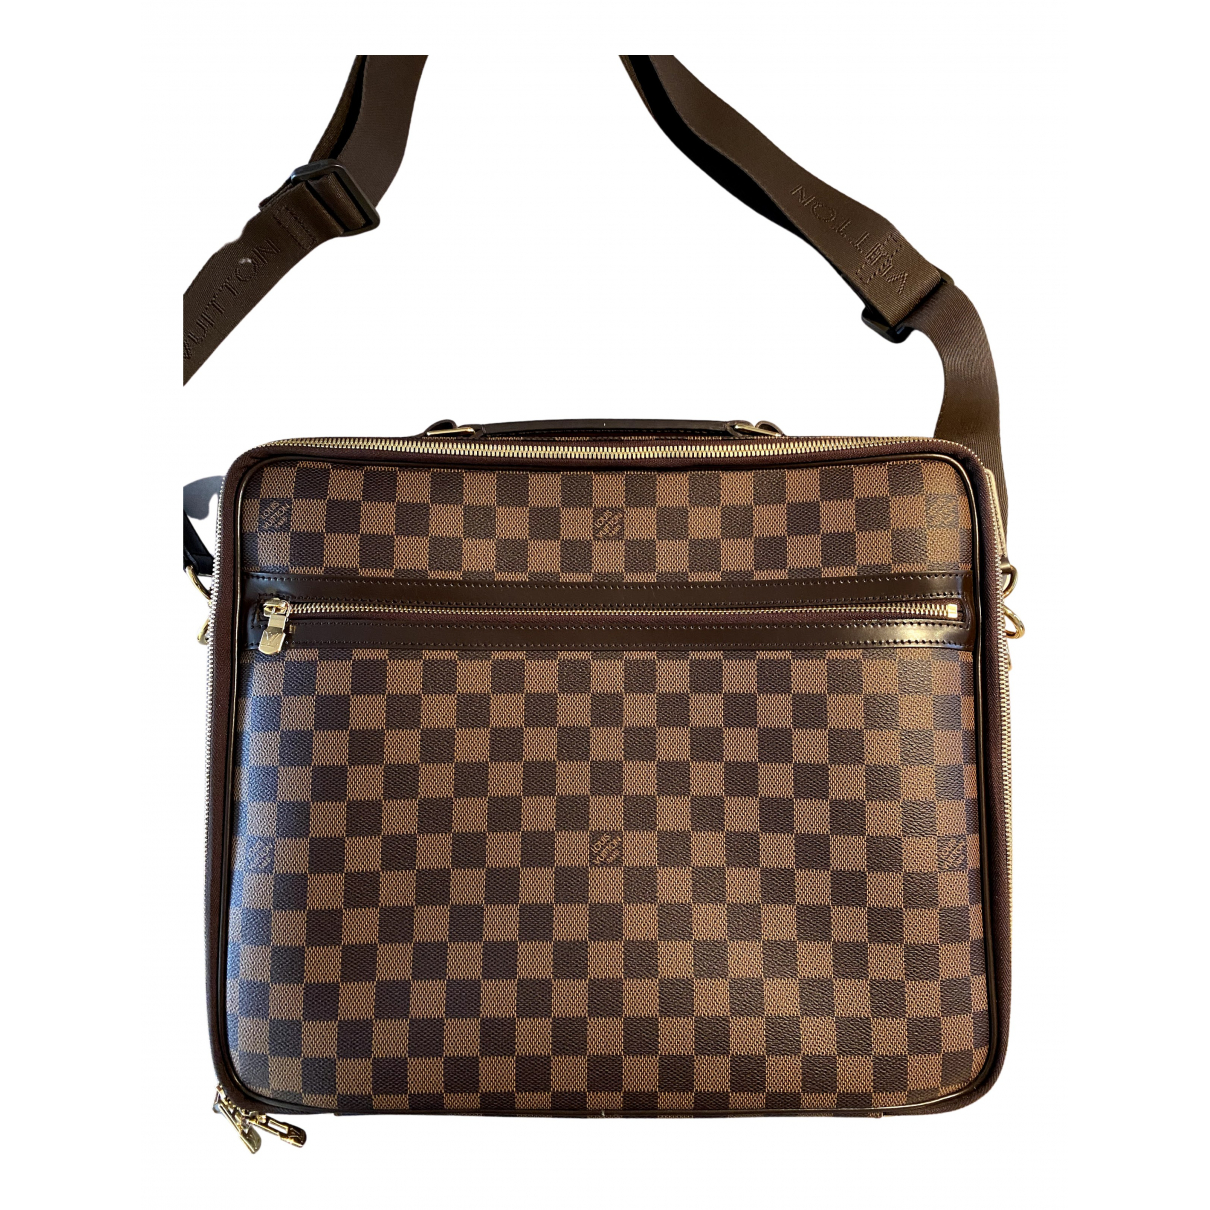 Louis Vuitton - Sac Sabana pour homme en toile - marron